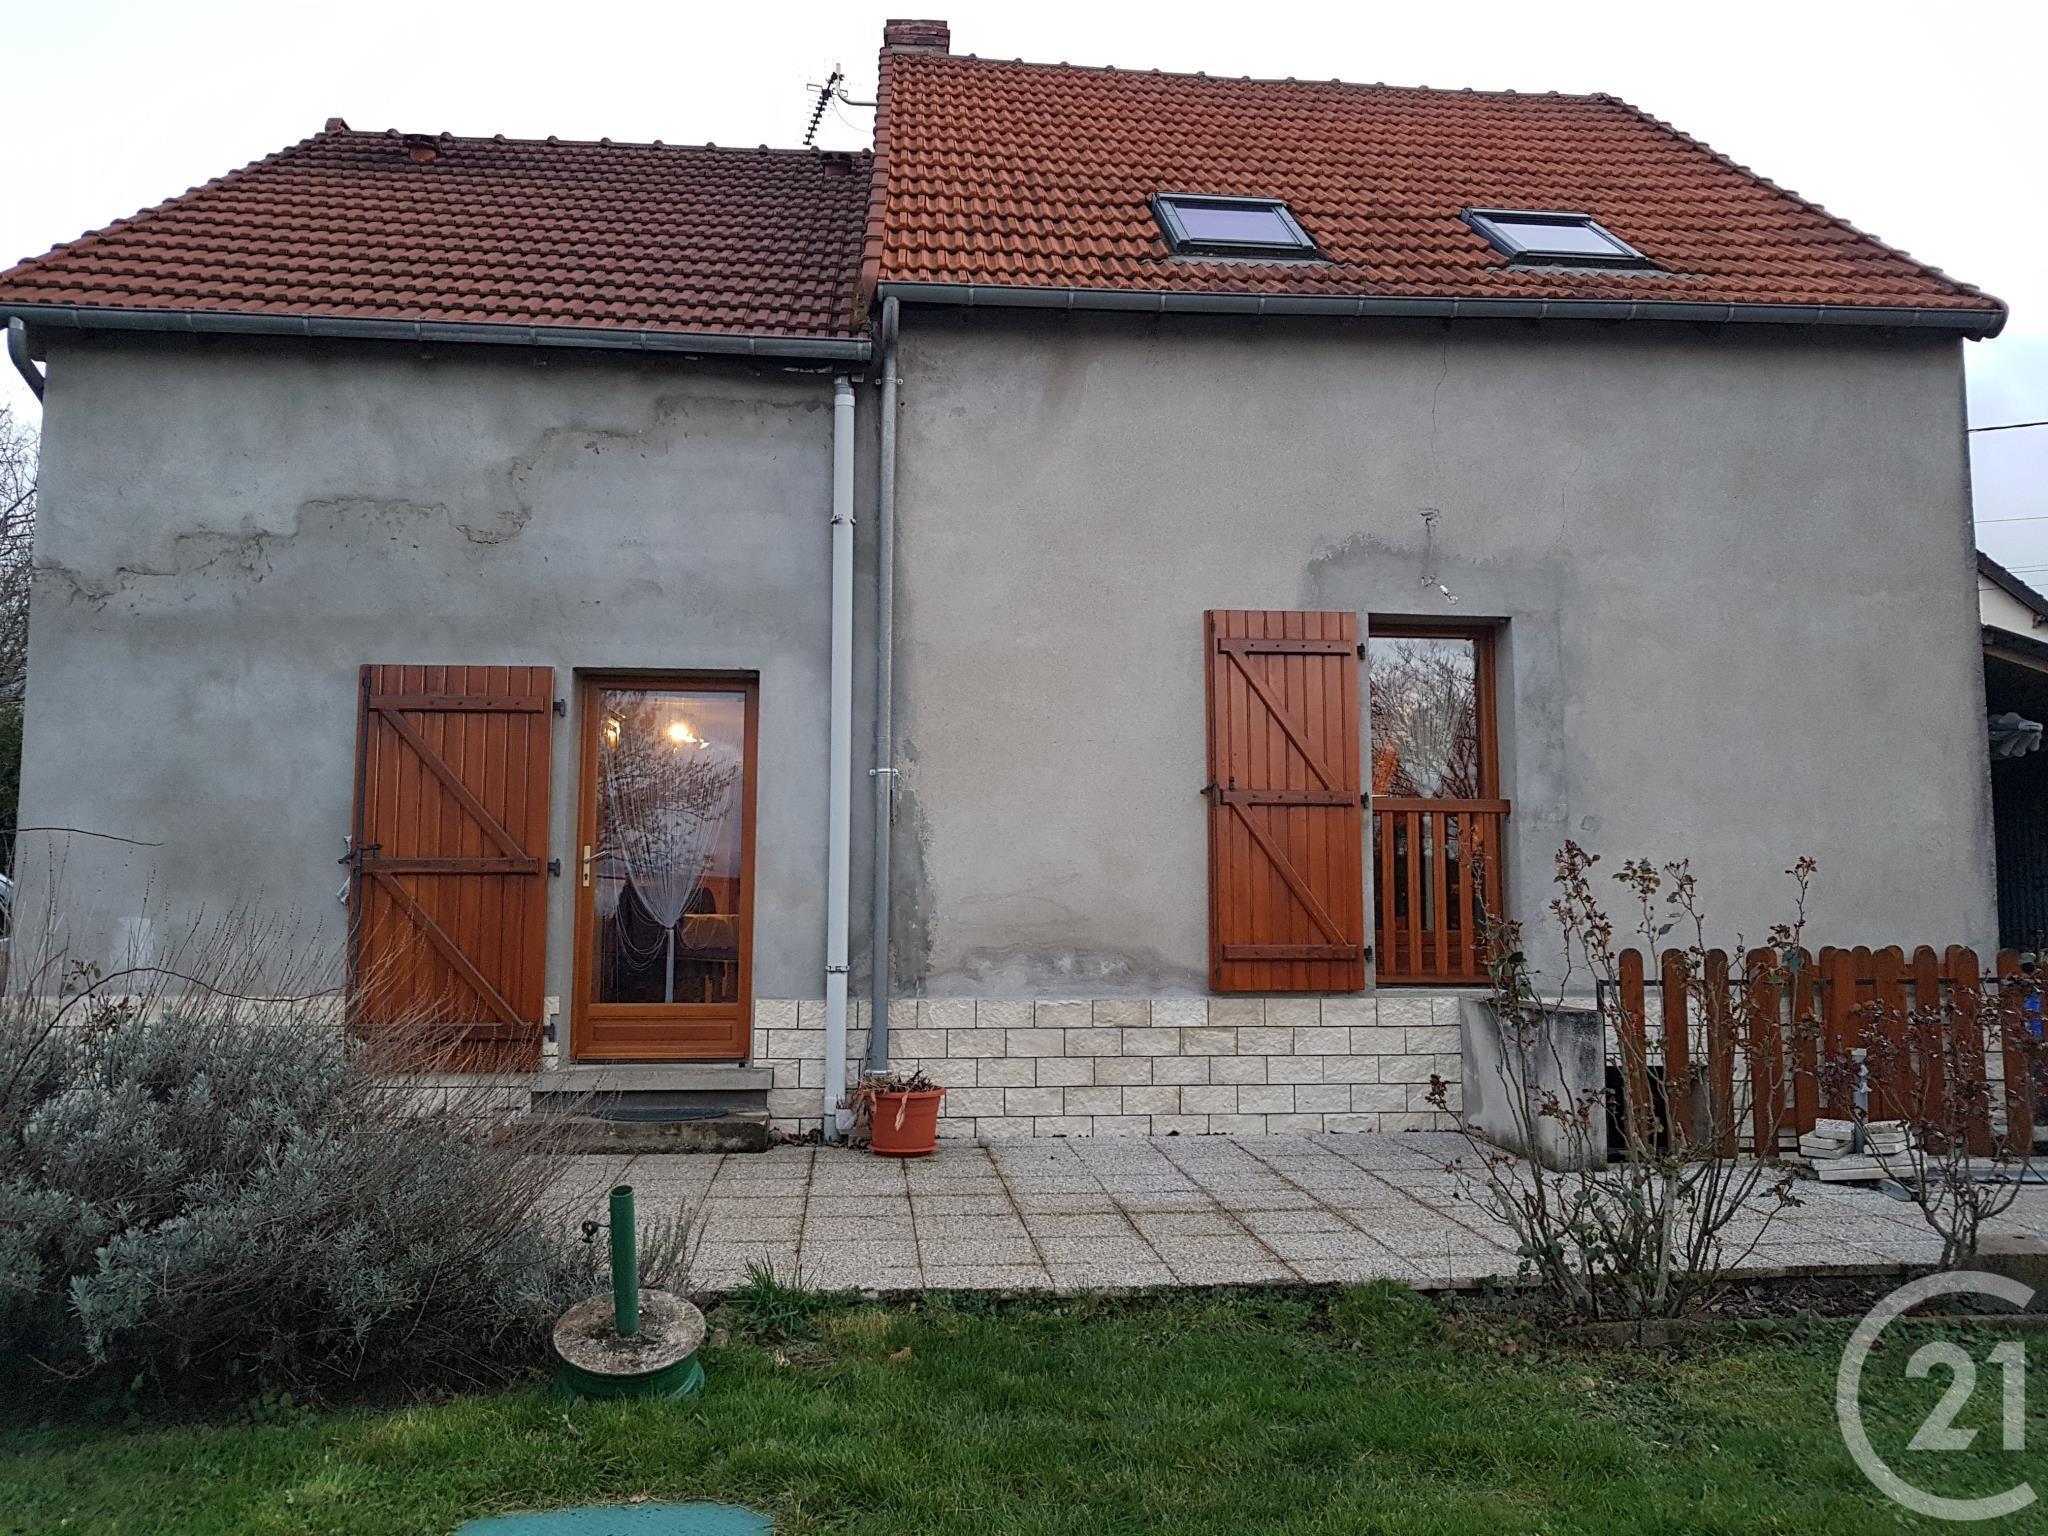 Maison Avec Travaux 77 maison 5 pièces à vendre – durdat larequille (03310) – ref